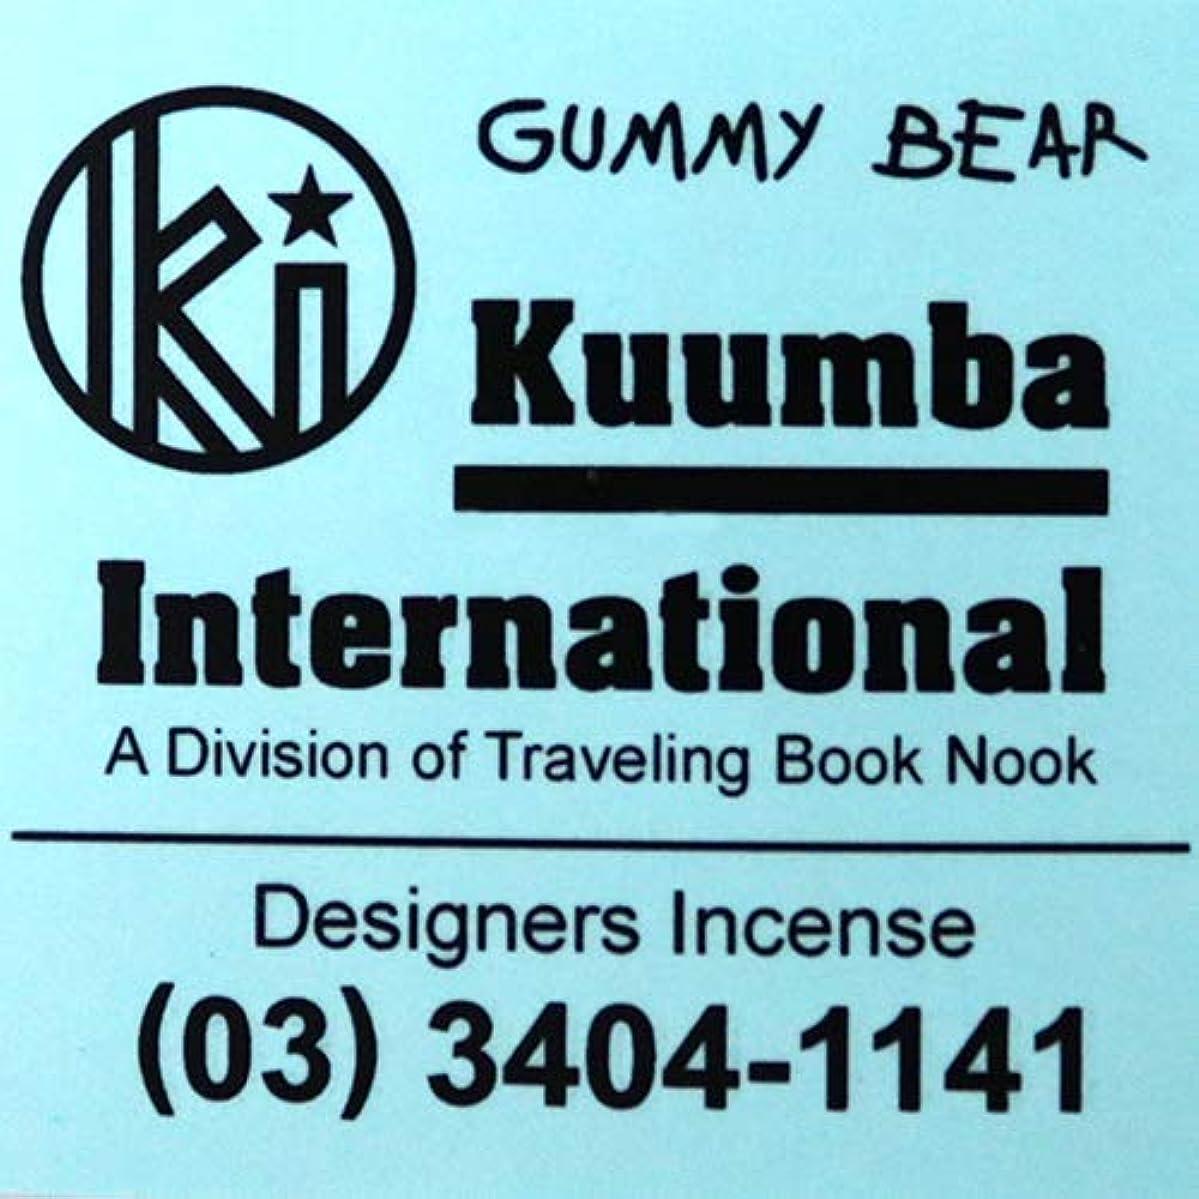 アパル出会い評論家(クンバ) KUUMBA『incense』(GUMMY BEAR) (GUMMY BEAR, Regular size)